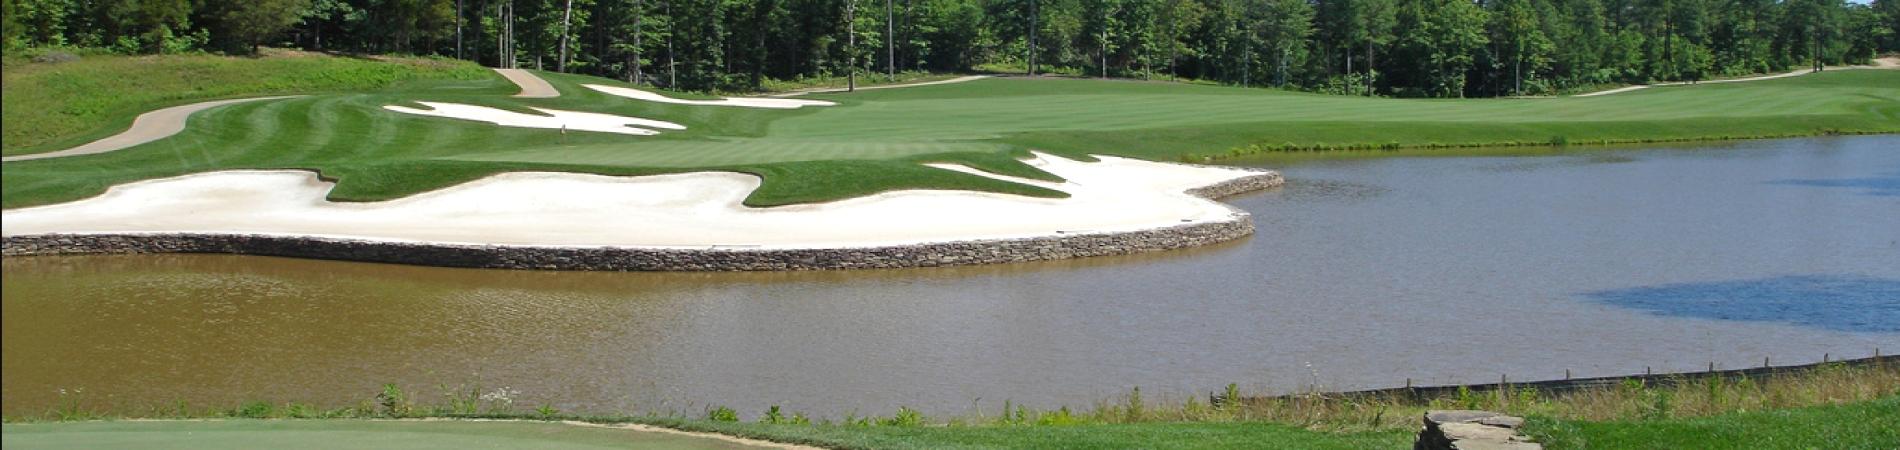 GolfSpringCreekWater